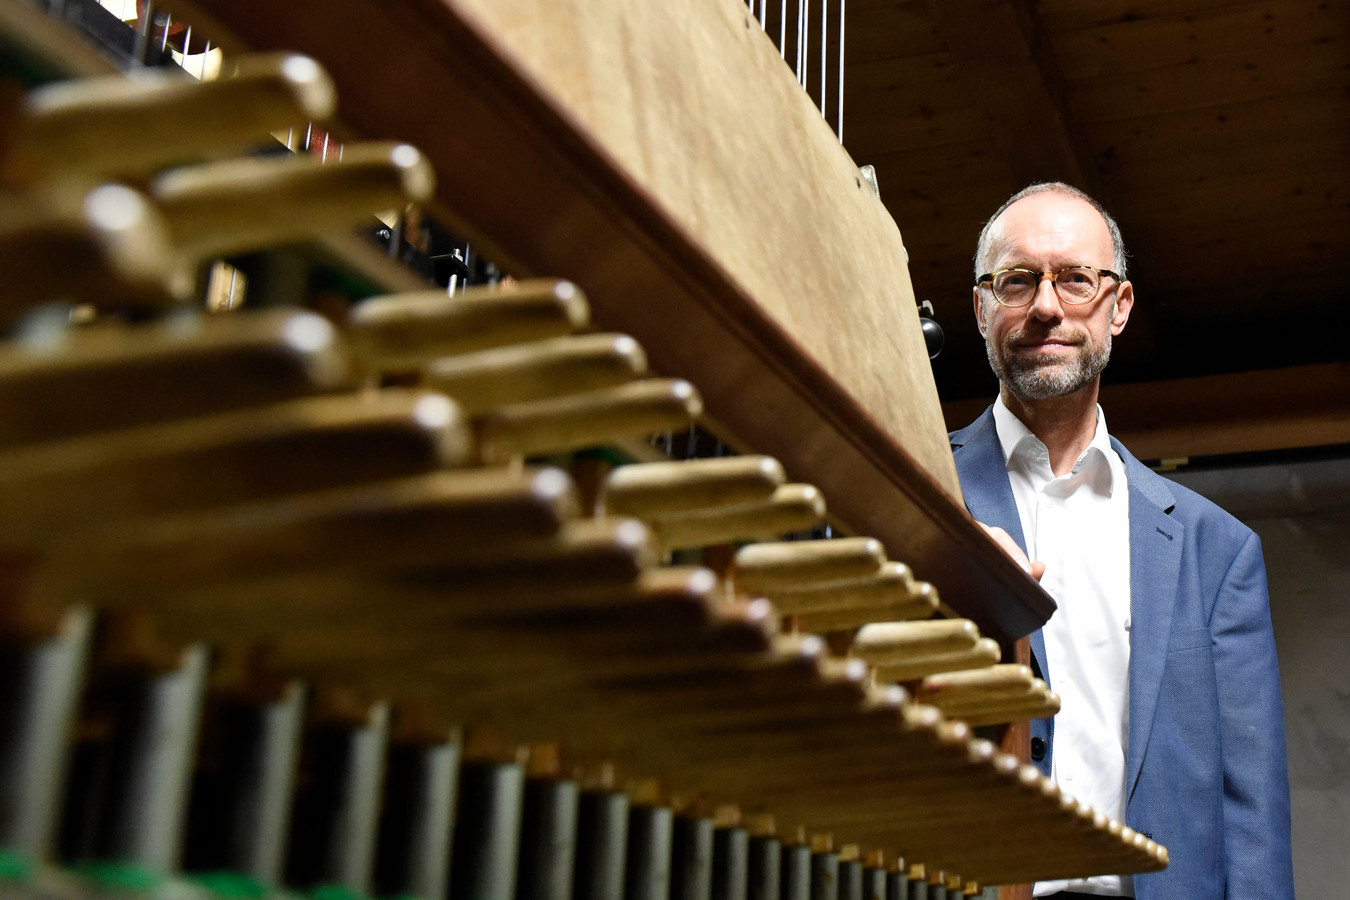 Stadsbeiaardier Henk Verhoef begon 25 jaar geleden op een carillon helemaal bovenin de toren. Hij is blij dat dit verplaatst is naar de andere klokken.